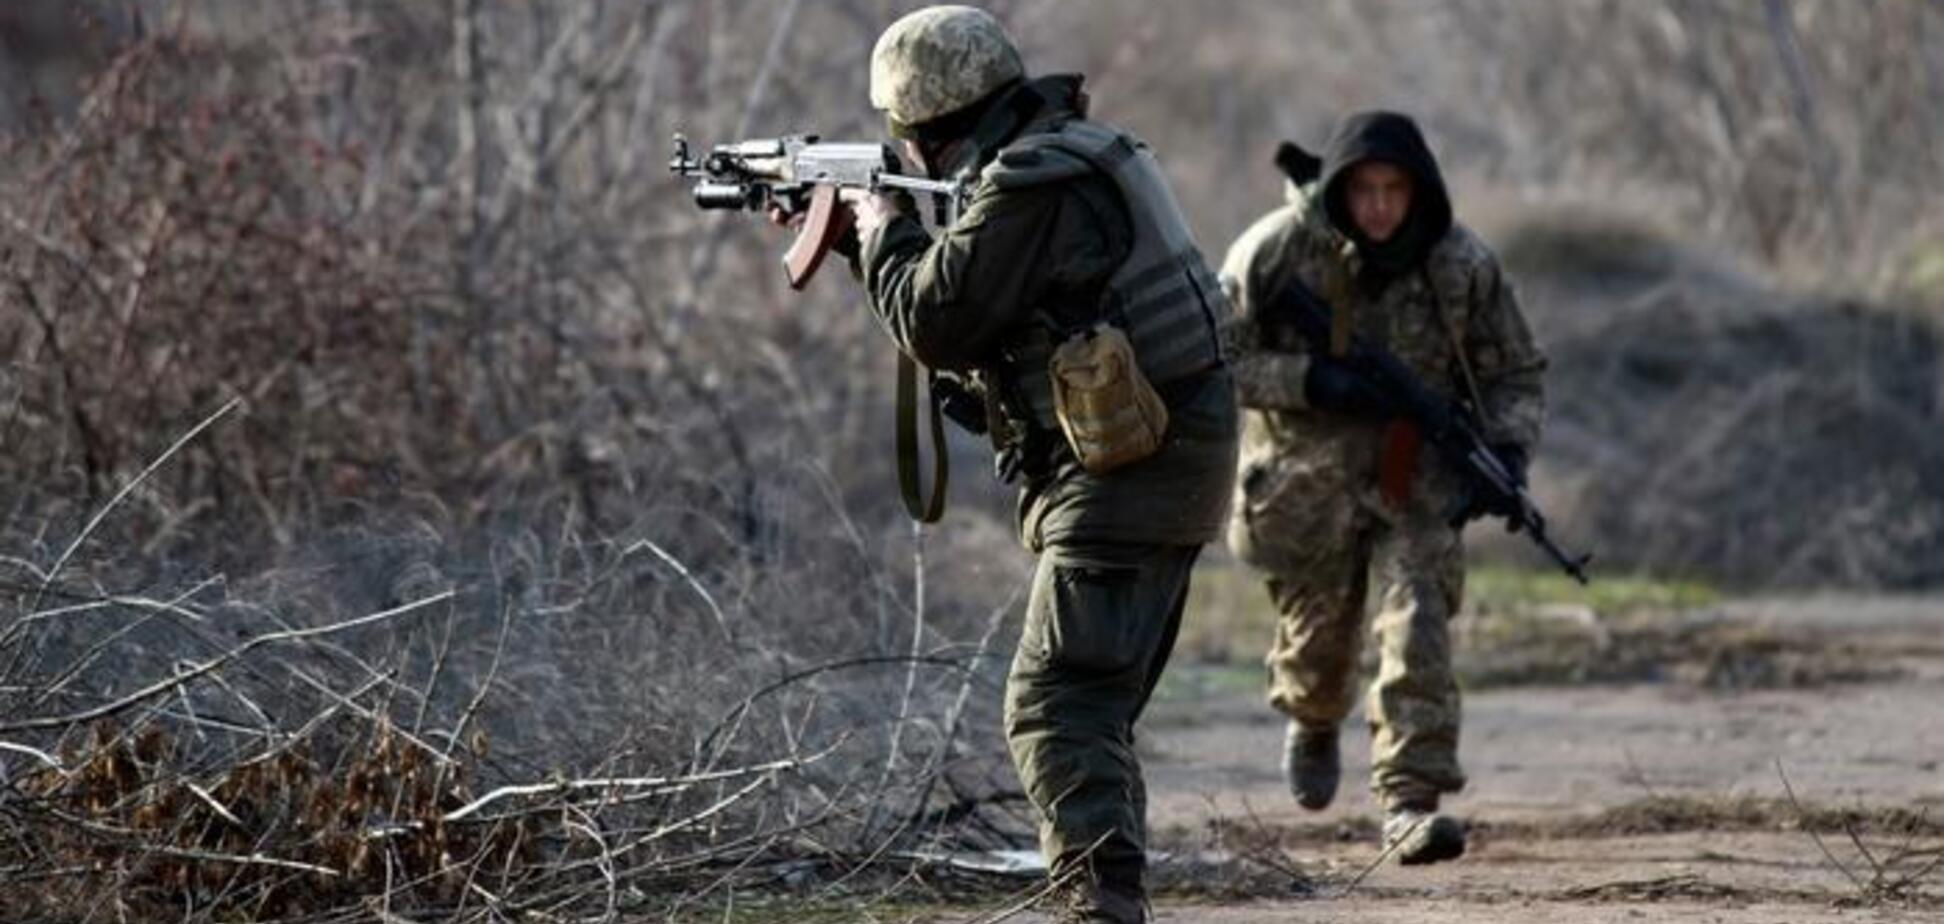 Эвакуация под обстрелом: раскрыта коварная атака террористов на Донбассе